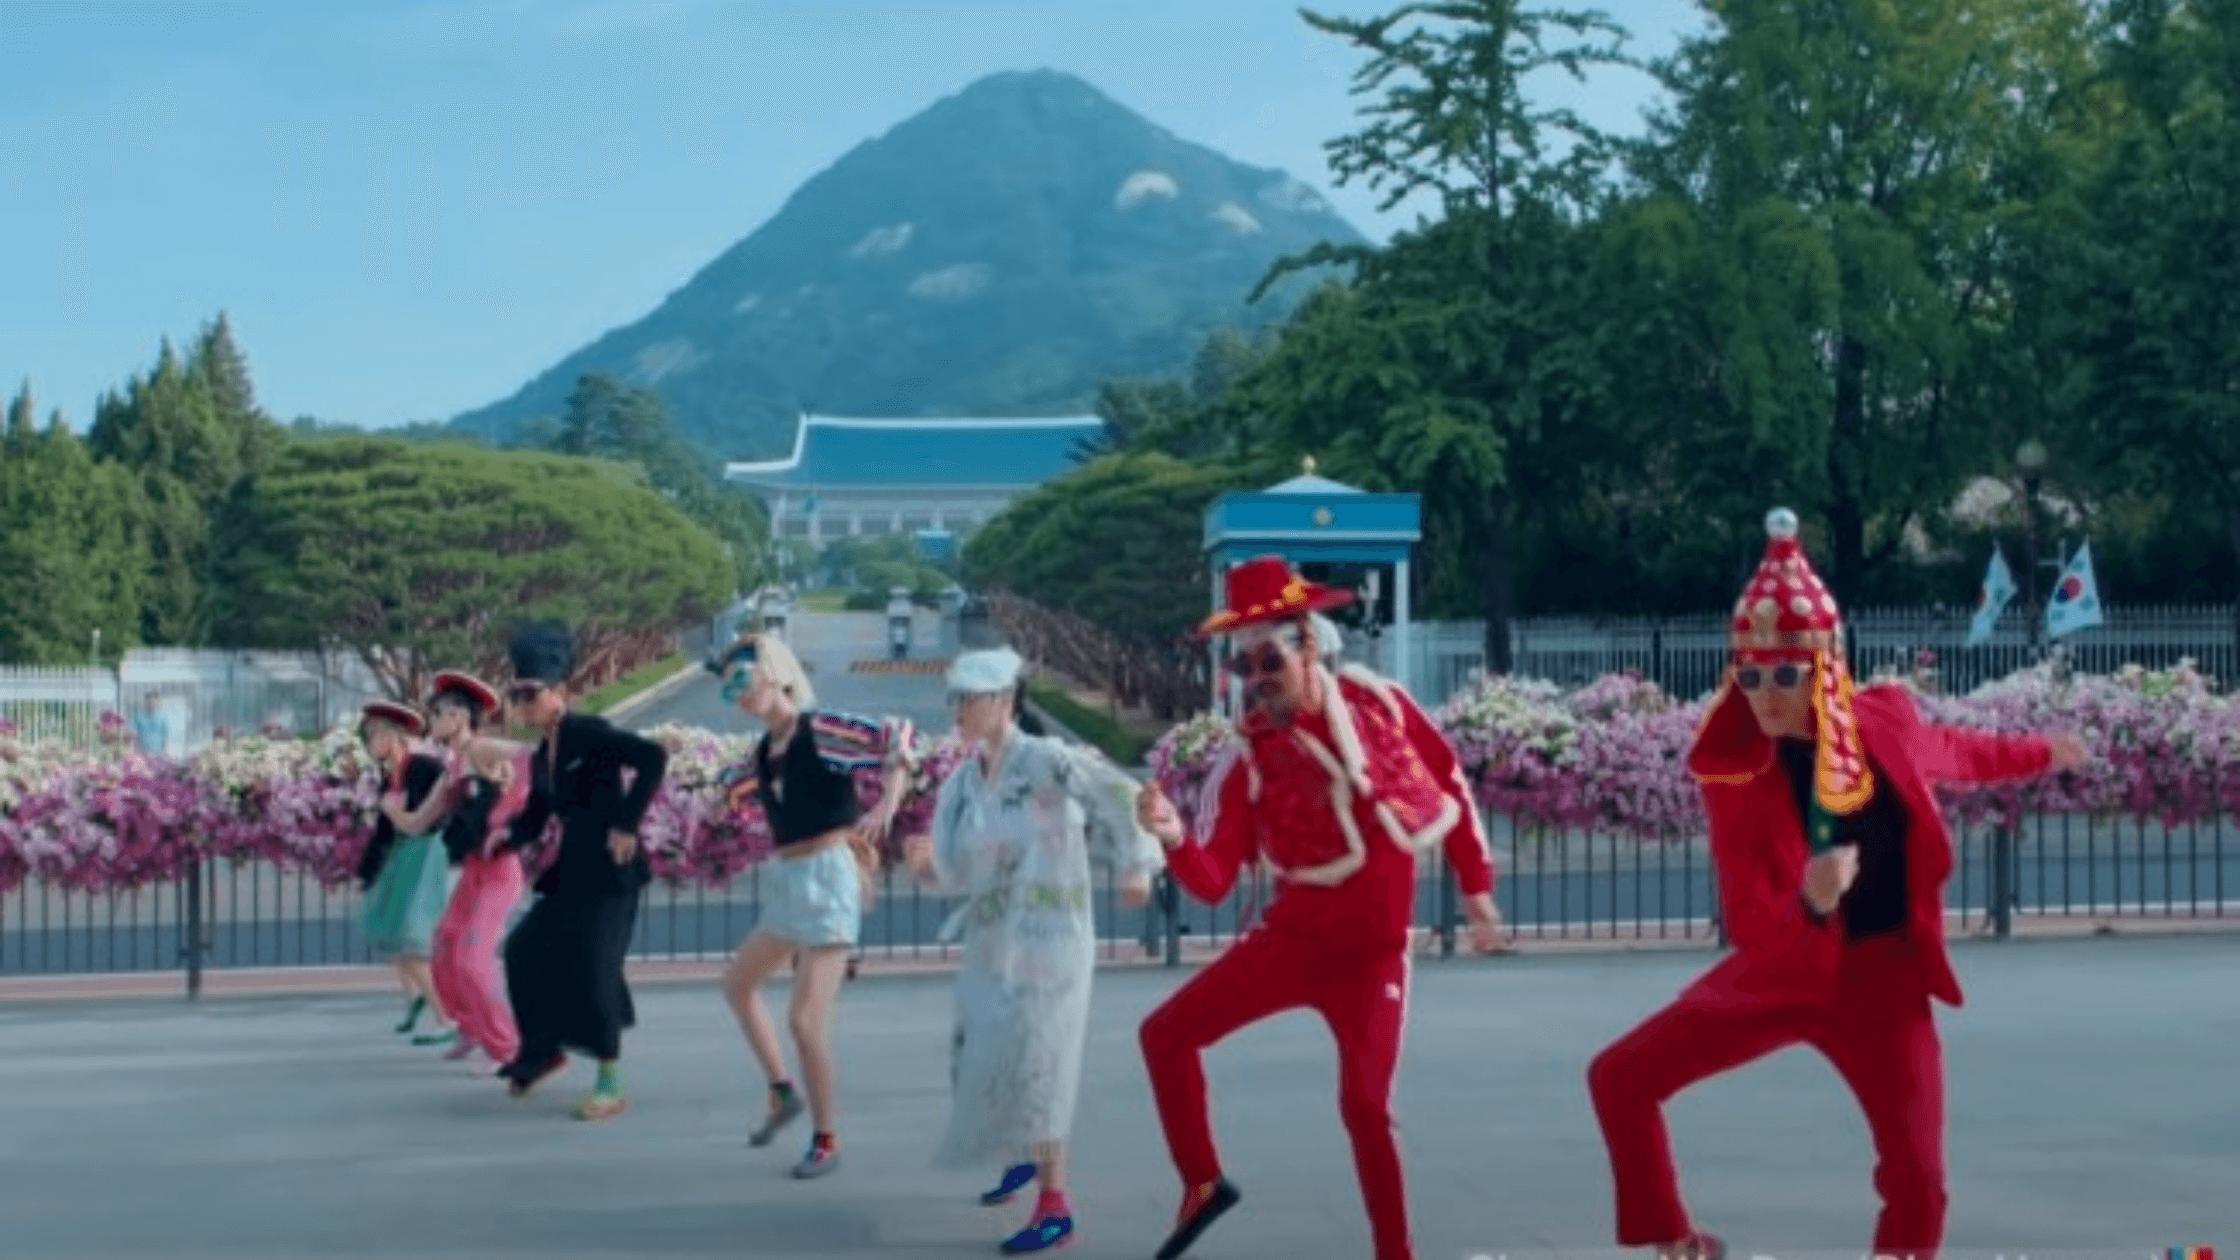 Corea del Sur apuesta a su producción musical local para promocionar a través de vídeos los principales atractivos turísticos 1